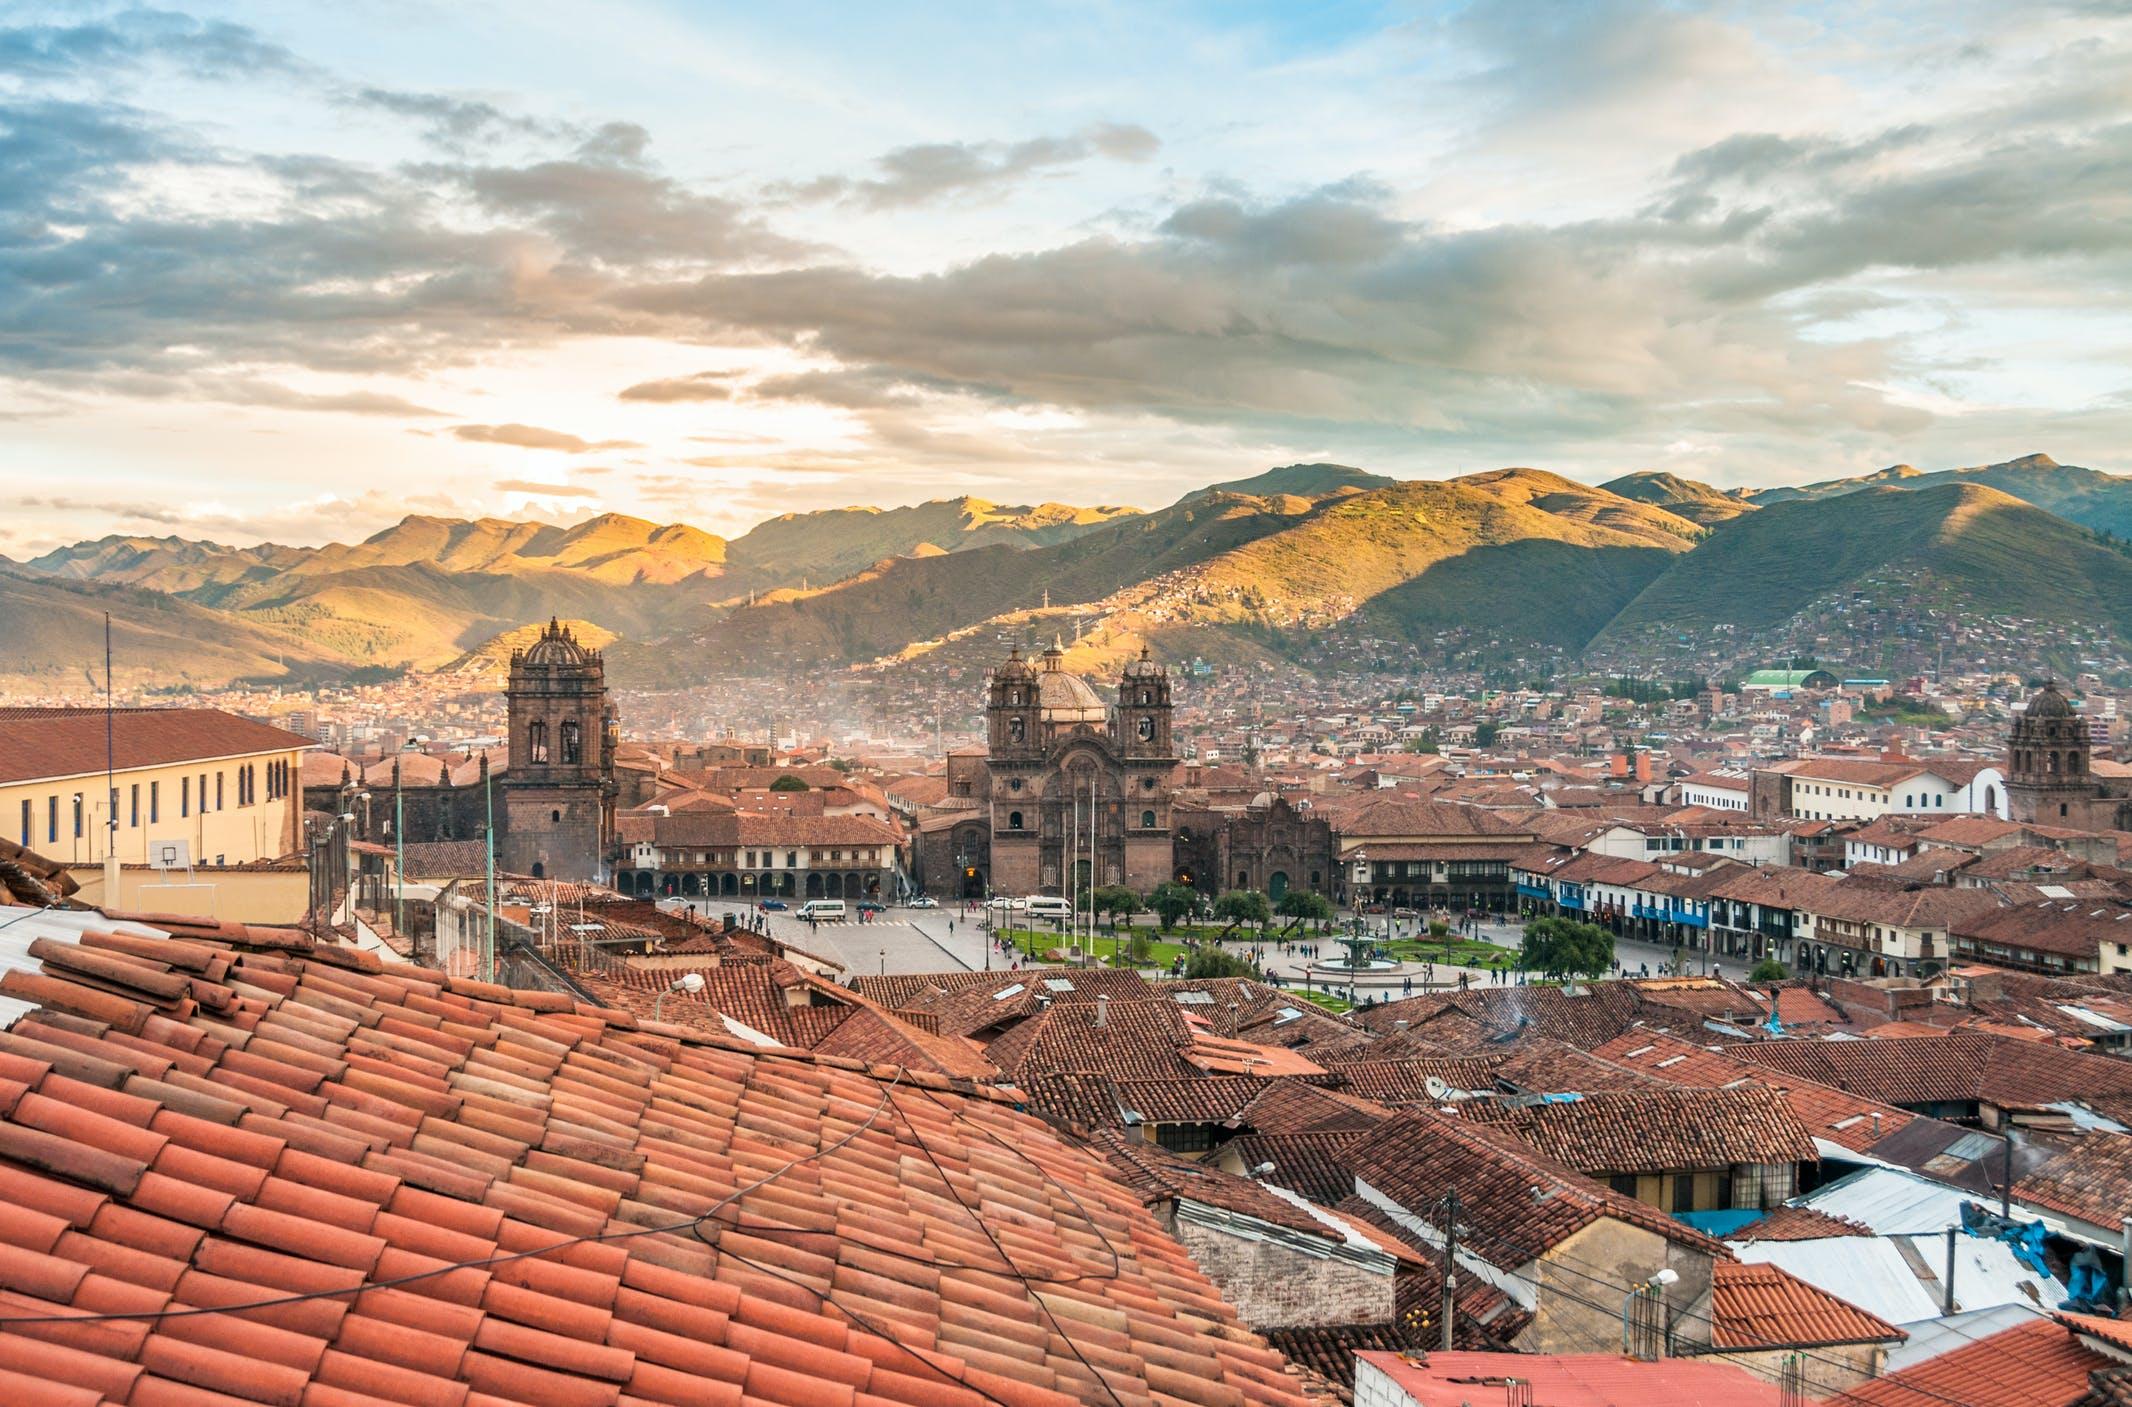 Cusco was ooit de hoofdstad van het Inca koninkrijk